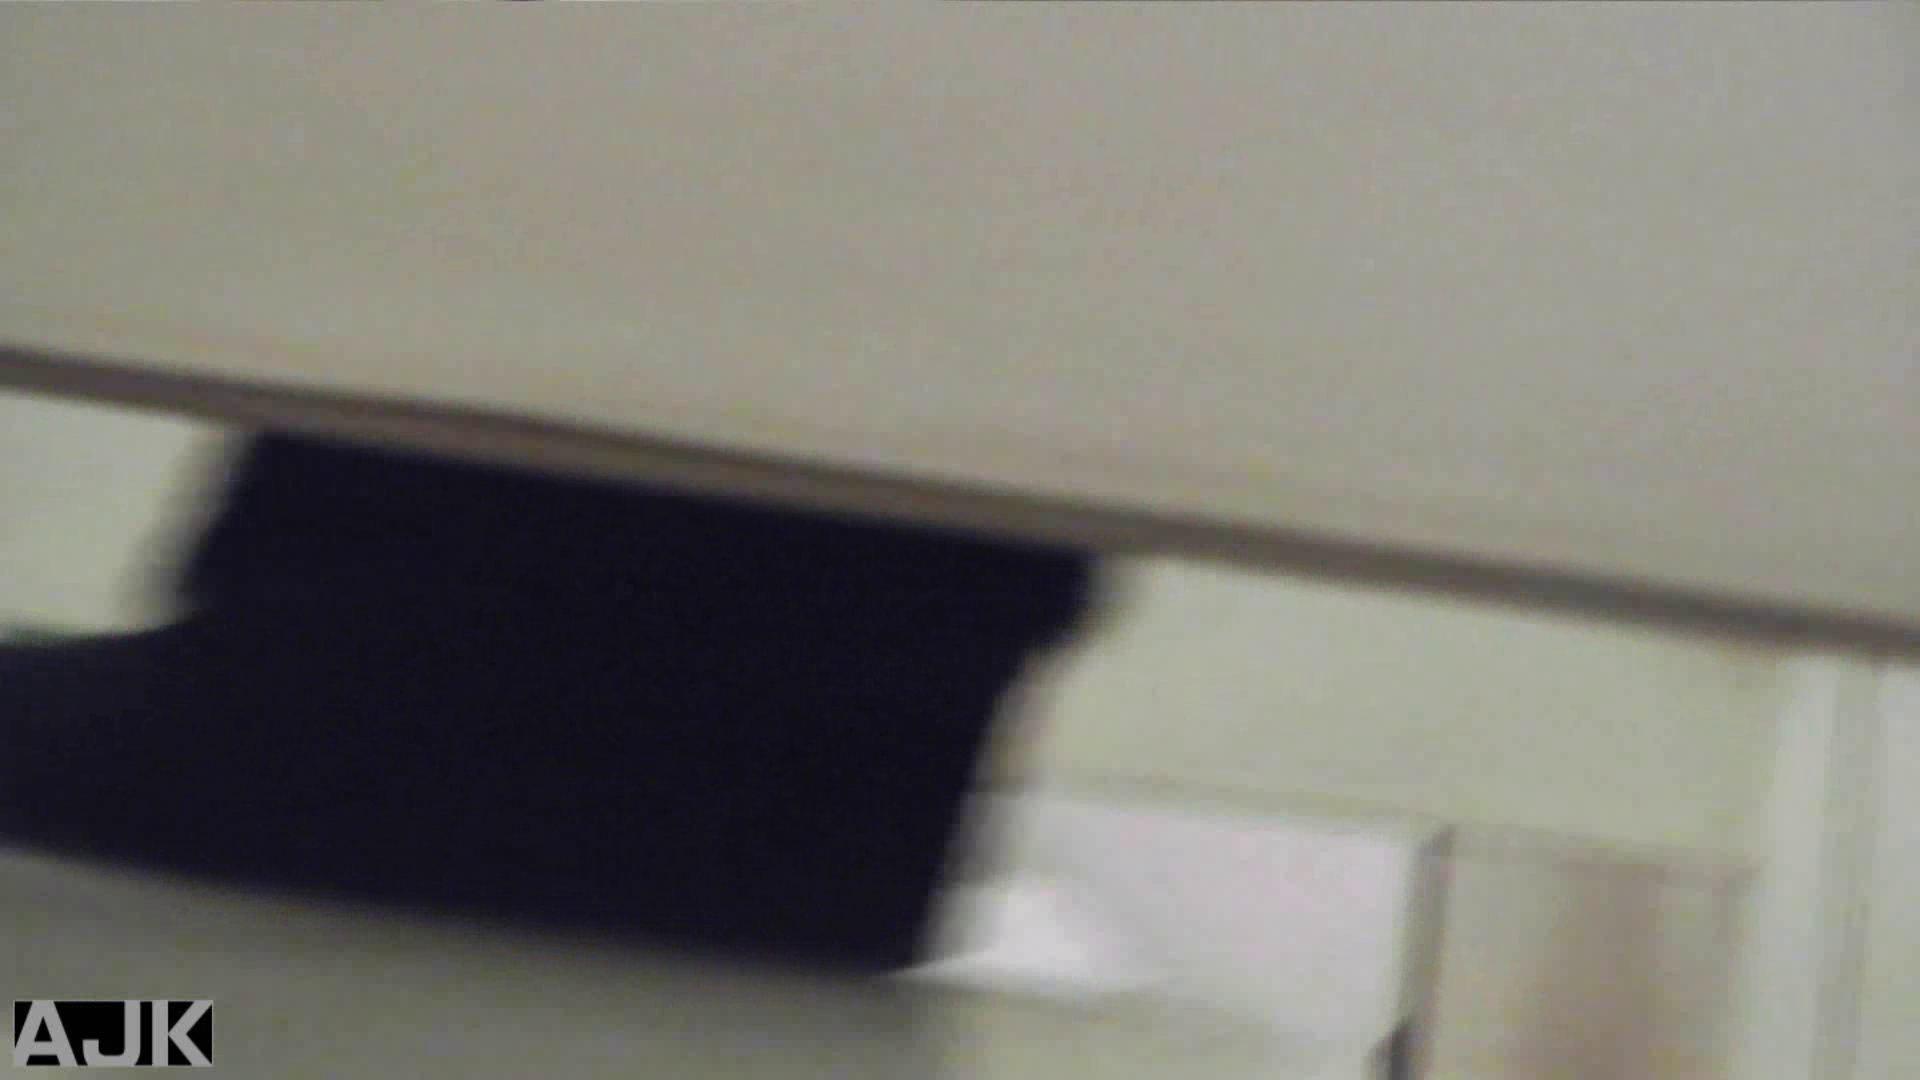 隣国上階級エリアの令嬢たちが集うデパートお手洗い Vol.07 お手洗いの中 オメコ動画キャプチャ 111枚 62